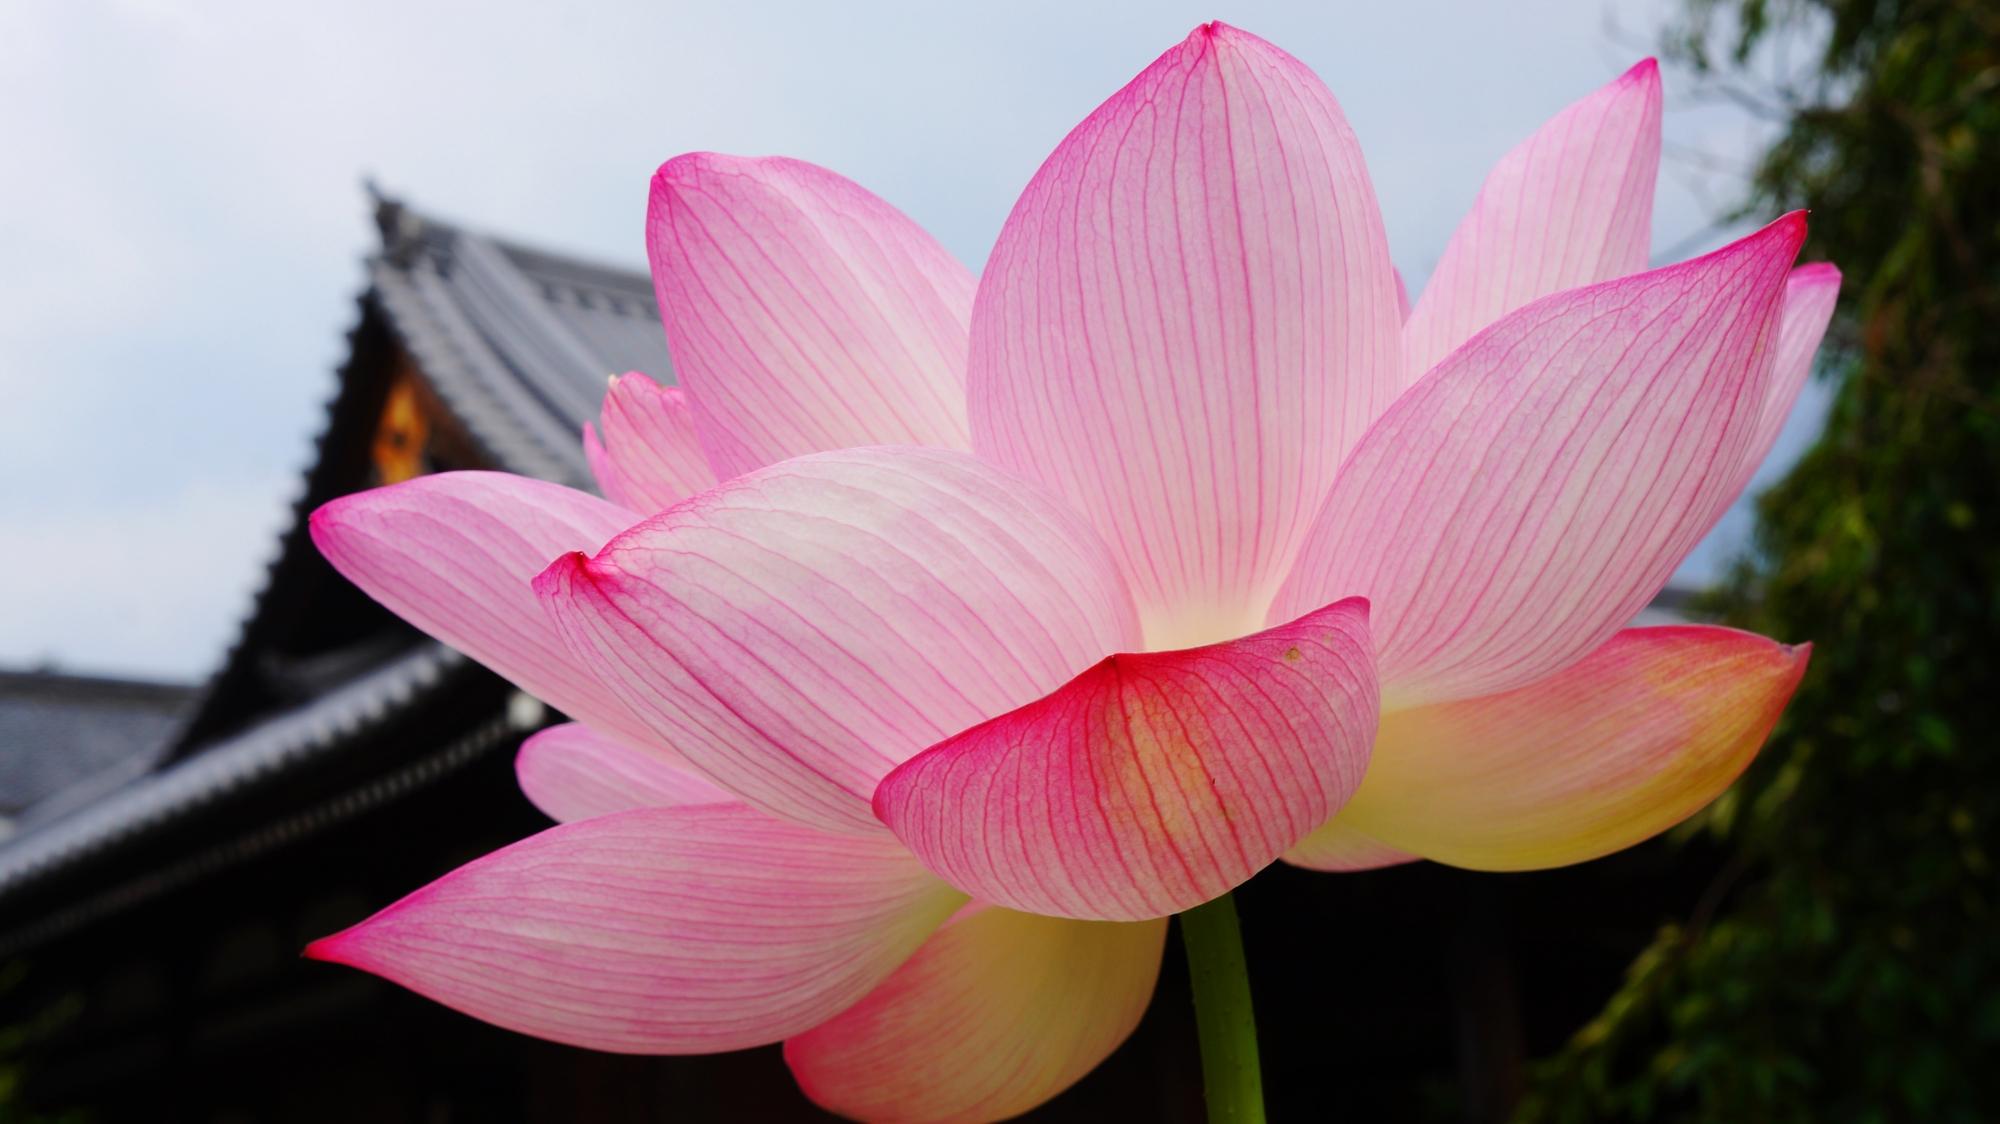 礼堂を華やぐ咲き誇るピンクの大輪